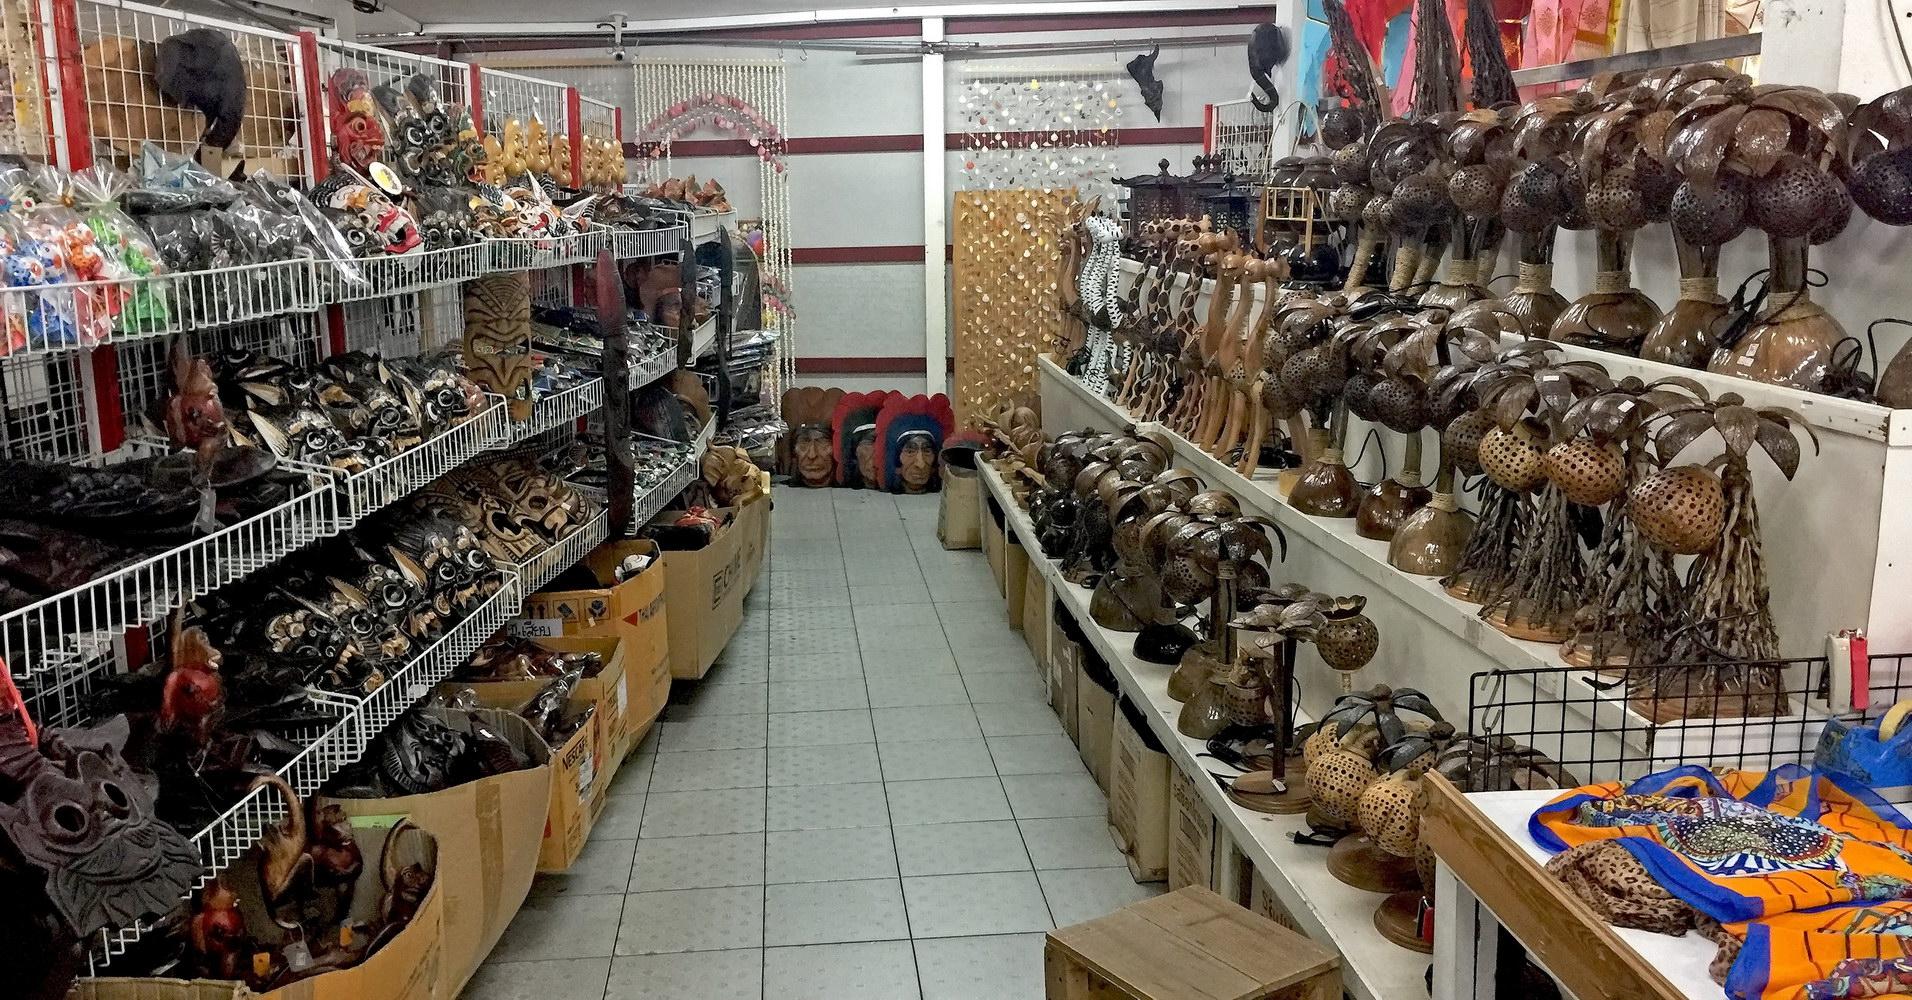 Thailändisches Kunsthandwerk und Geschenke in grosser Auswahl und preiswert